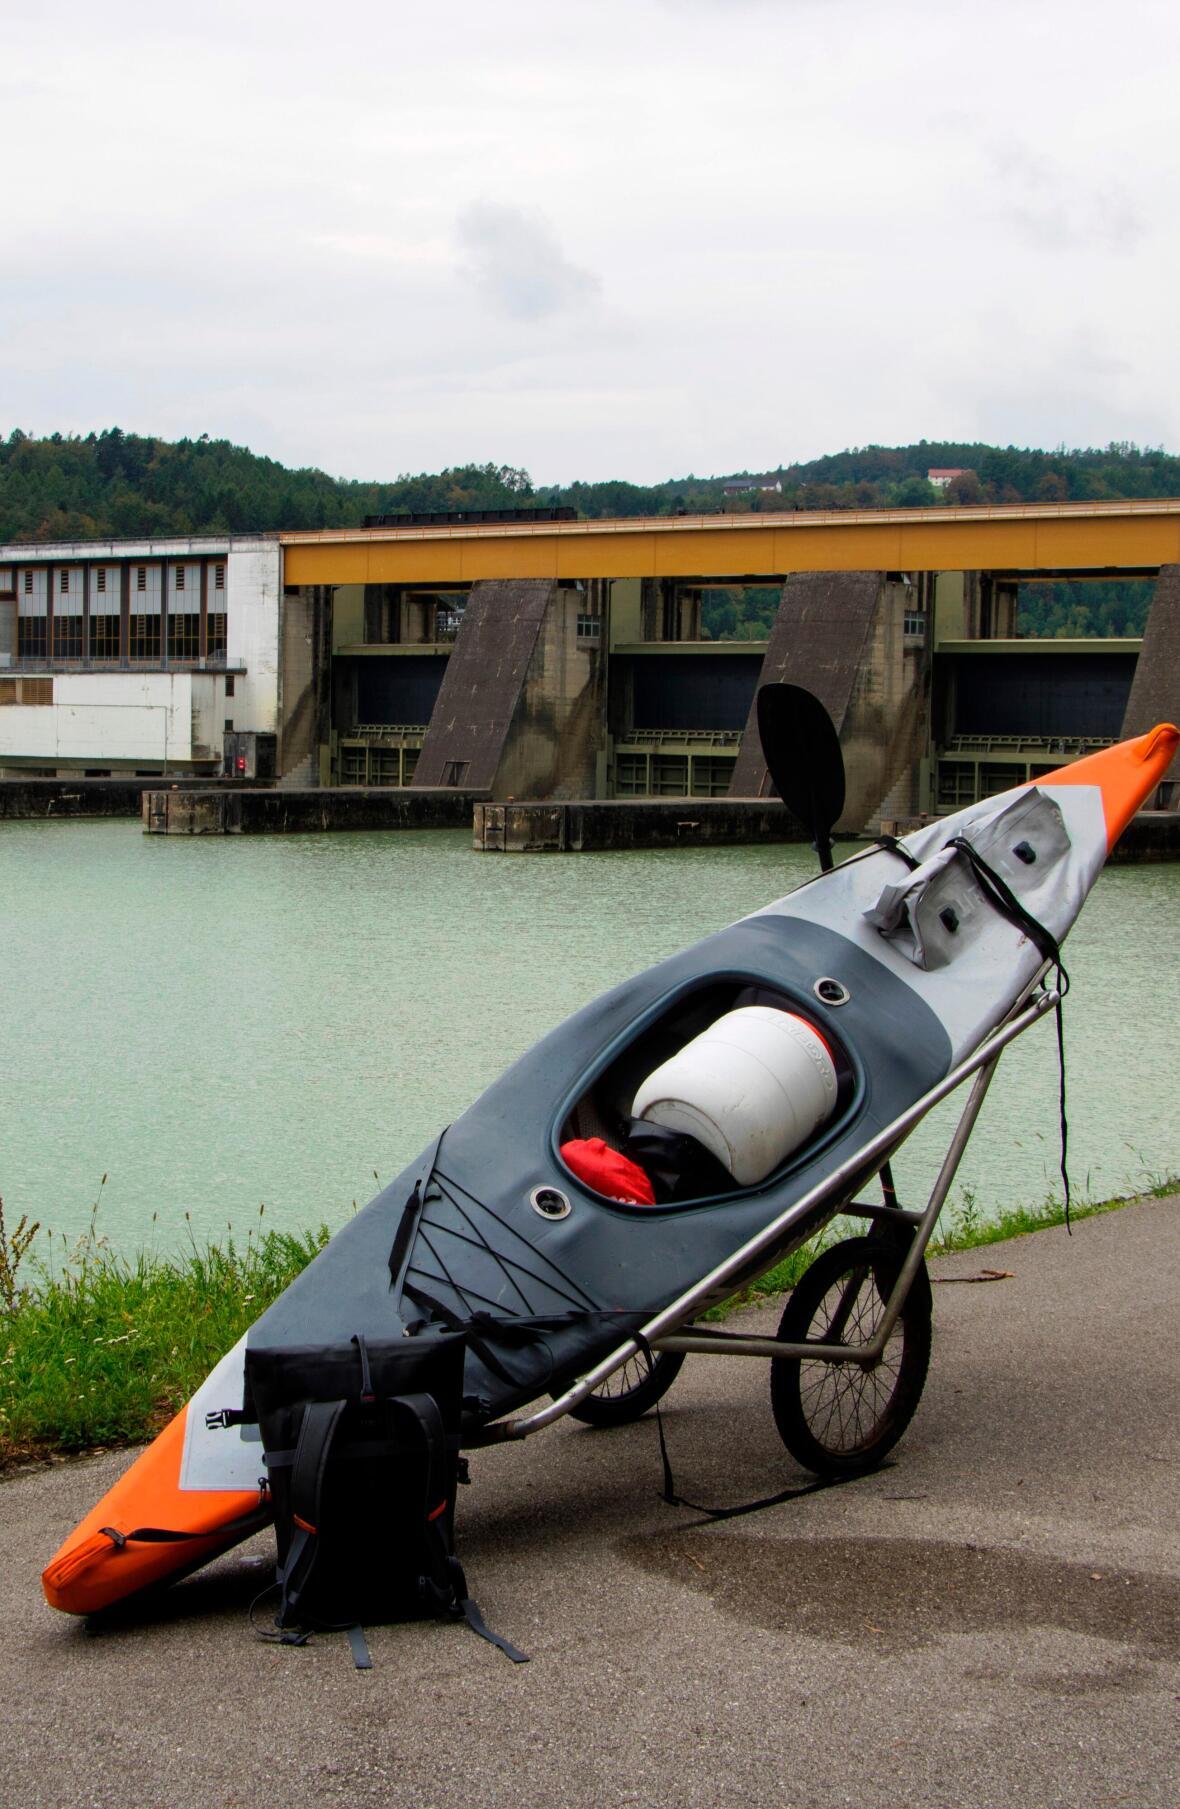 Danube inflatable kayak trip